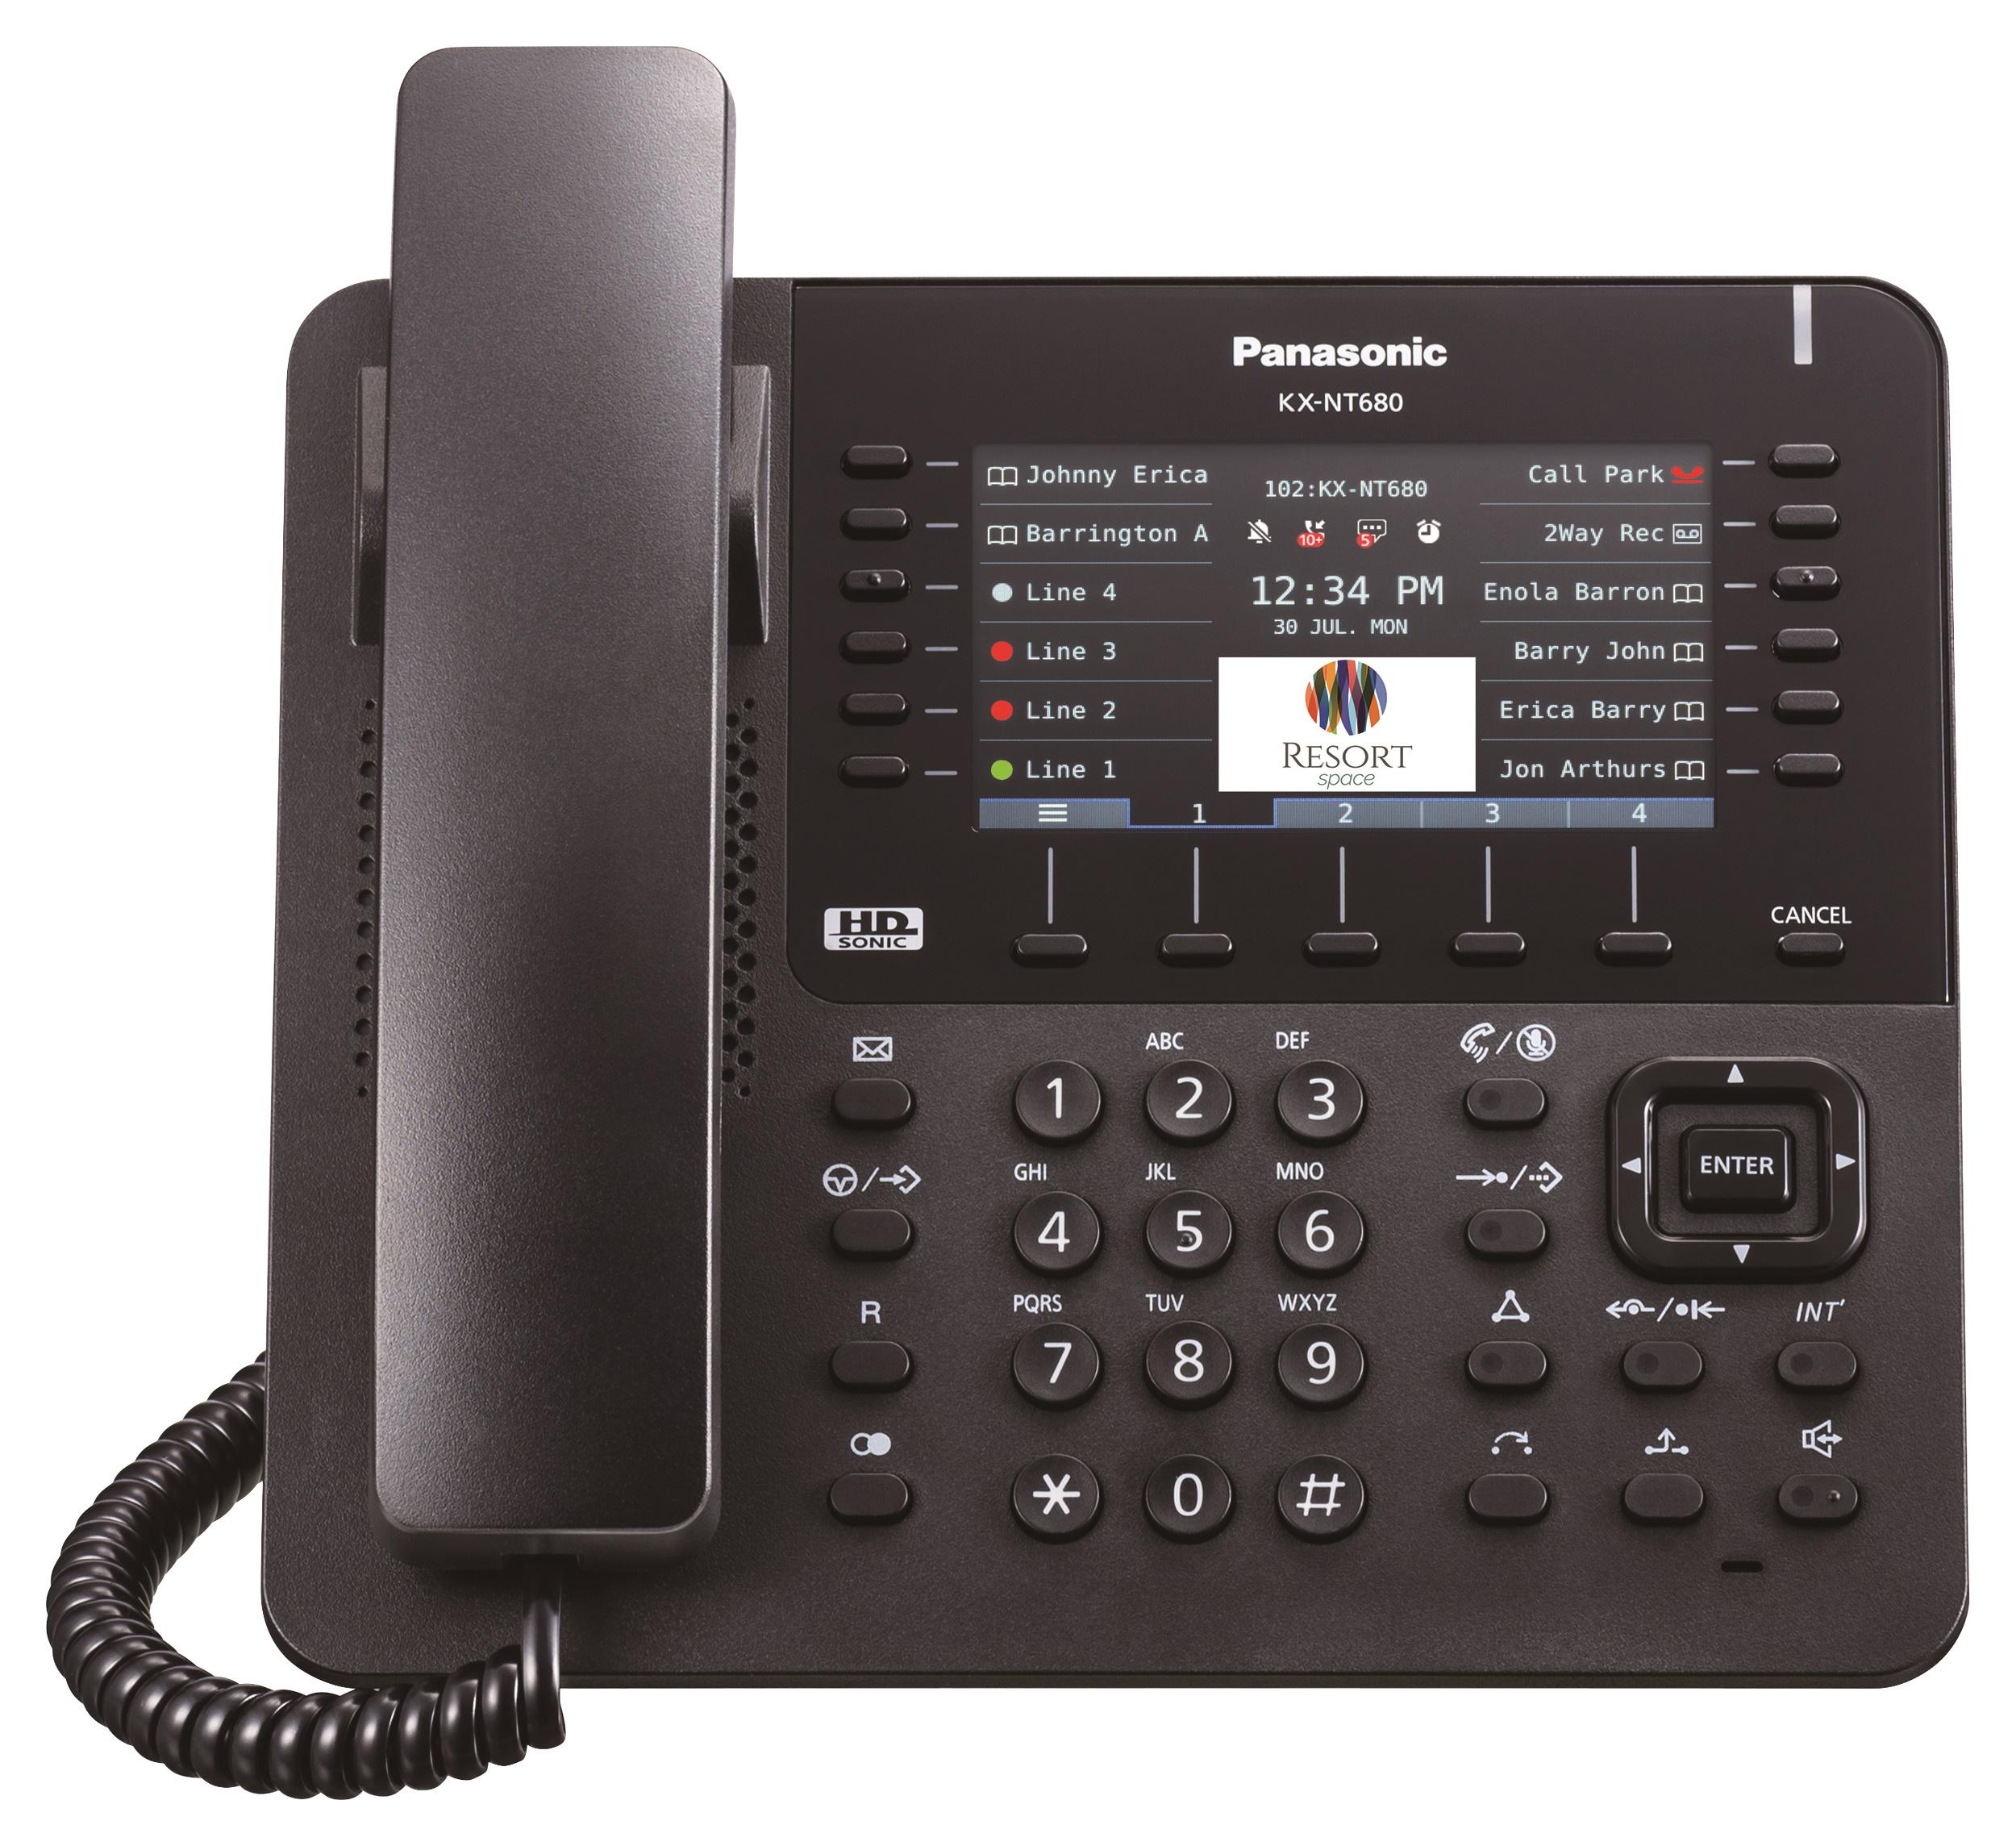 Телефон Panasonic KX-NT680 имеет самый большой 4,3-дюймовый цветной ЖК-дисплей сподсветкой